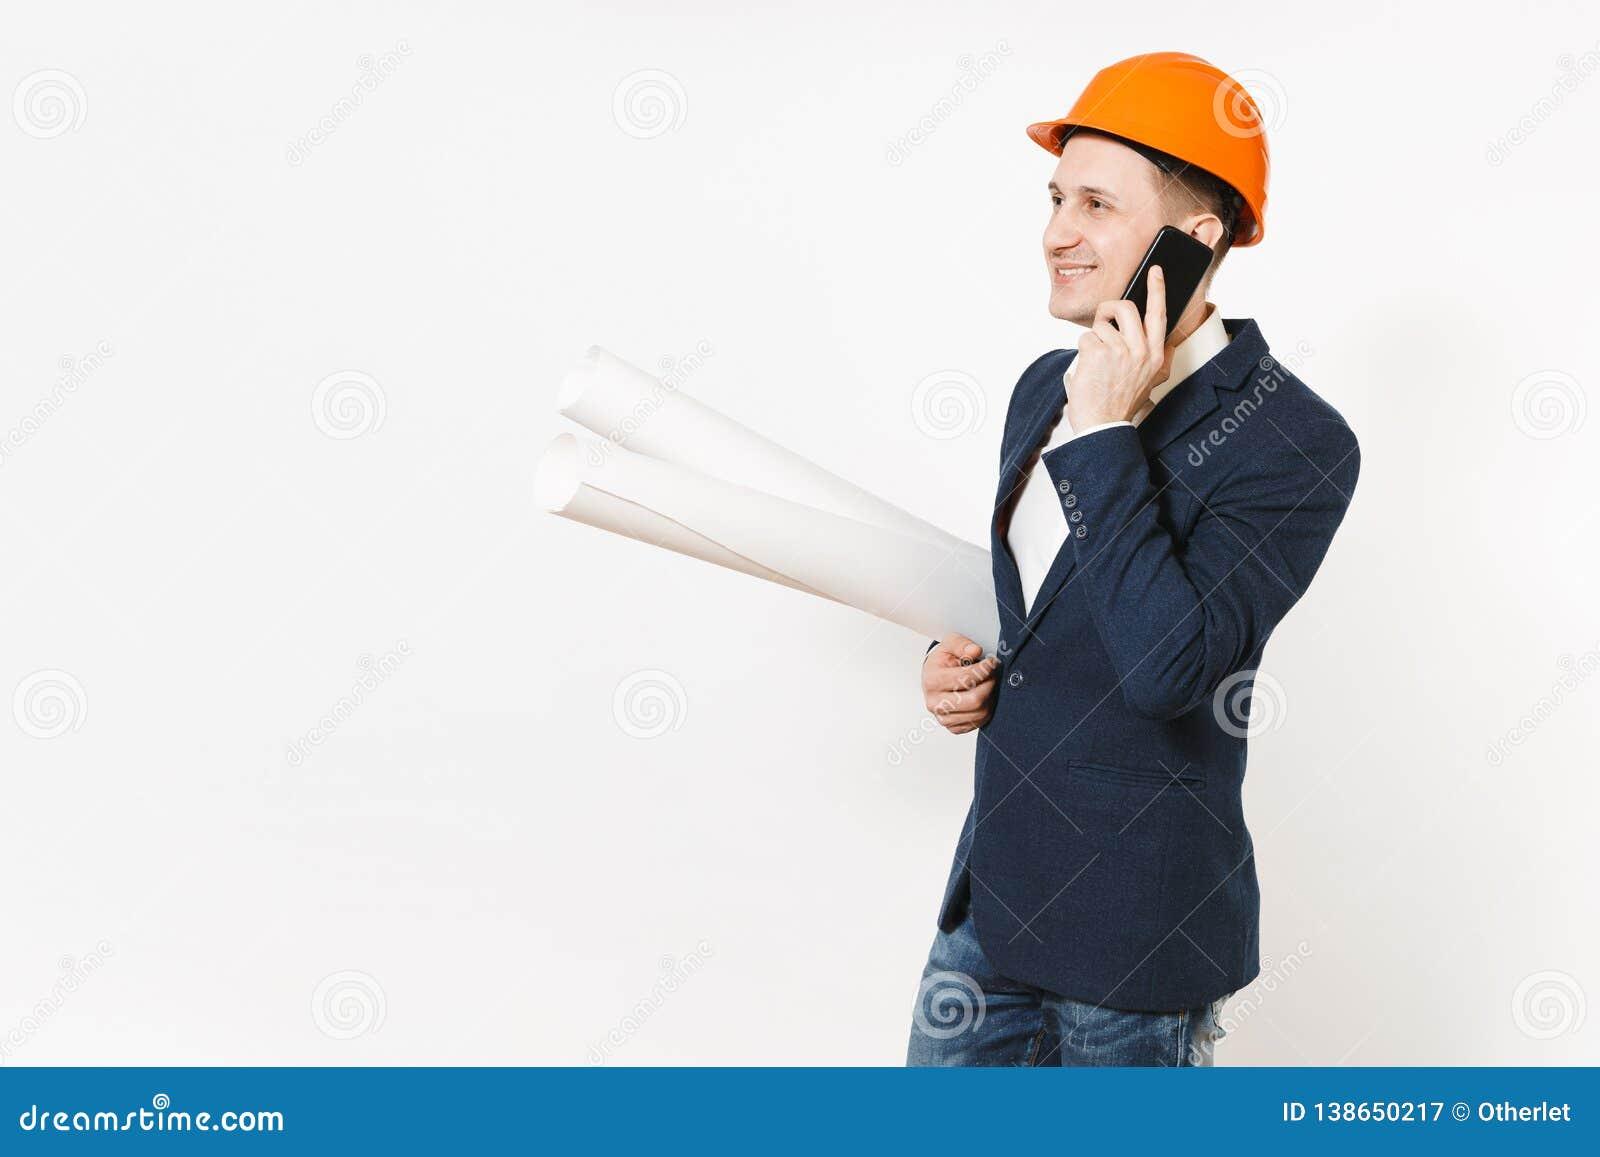 Lächelnder Geschäftsmann im dunklen Anzug, schützender Hardhat, der Planpläne hält, am Handy spricht und beiseite schaut